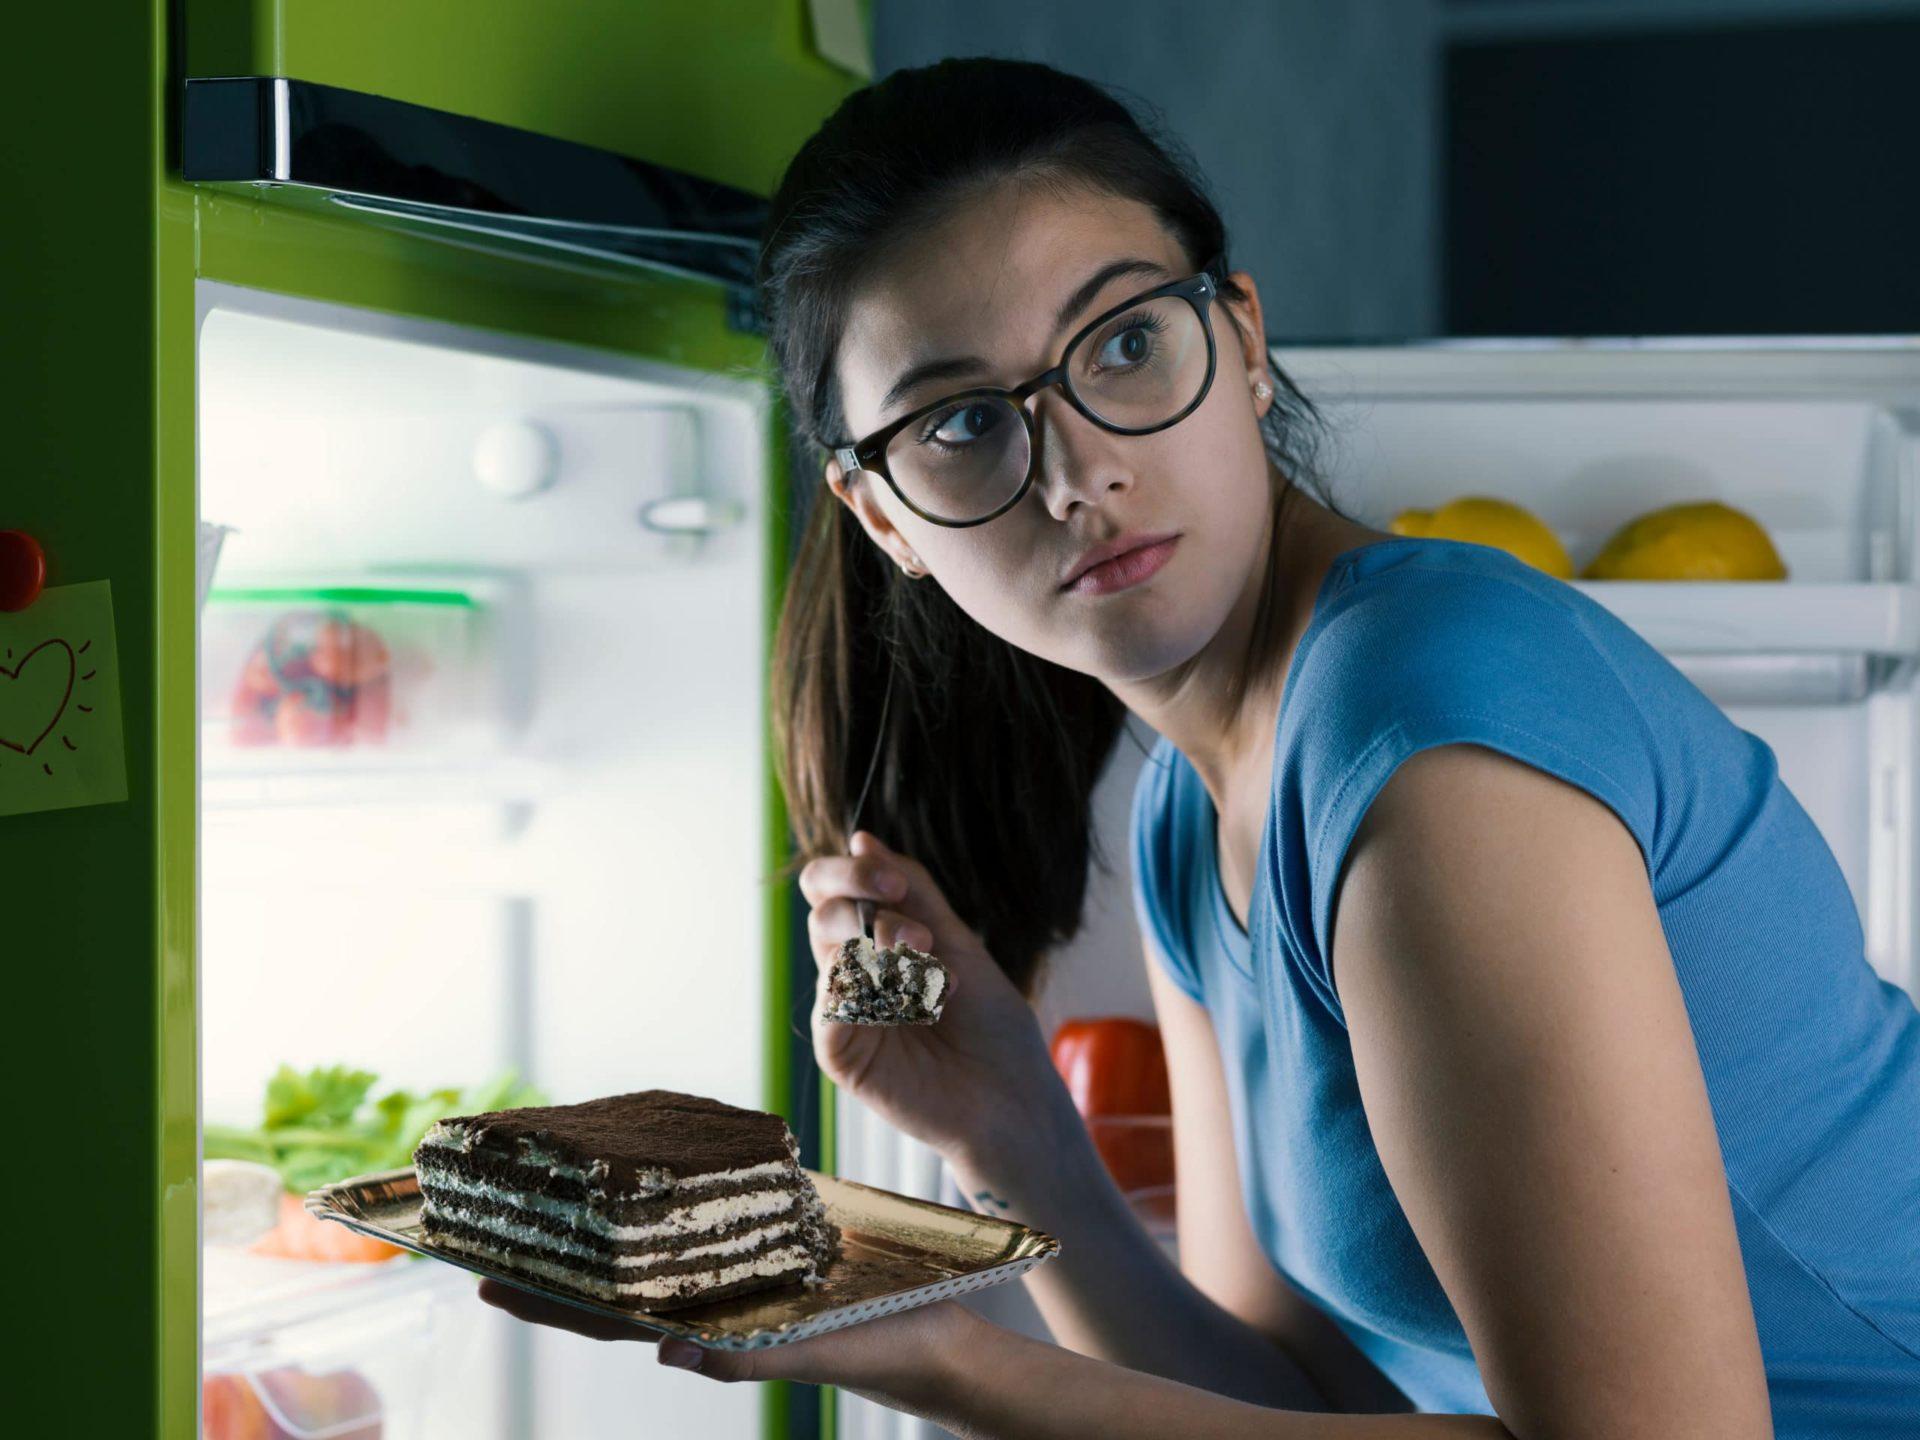 L'article du journal Presse sur les troubles alimentaires, obésité et confinement